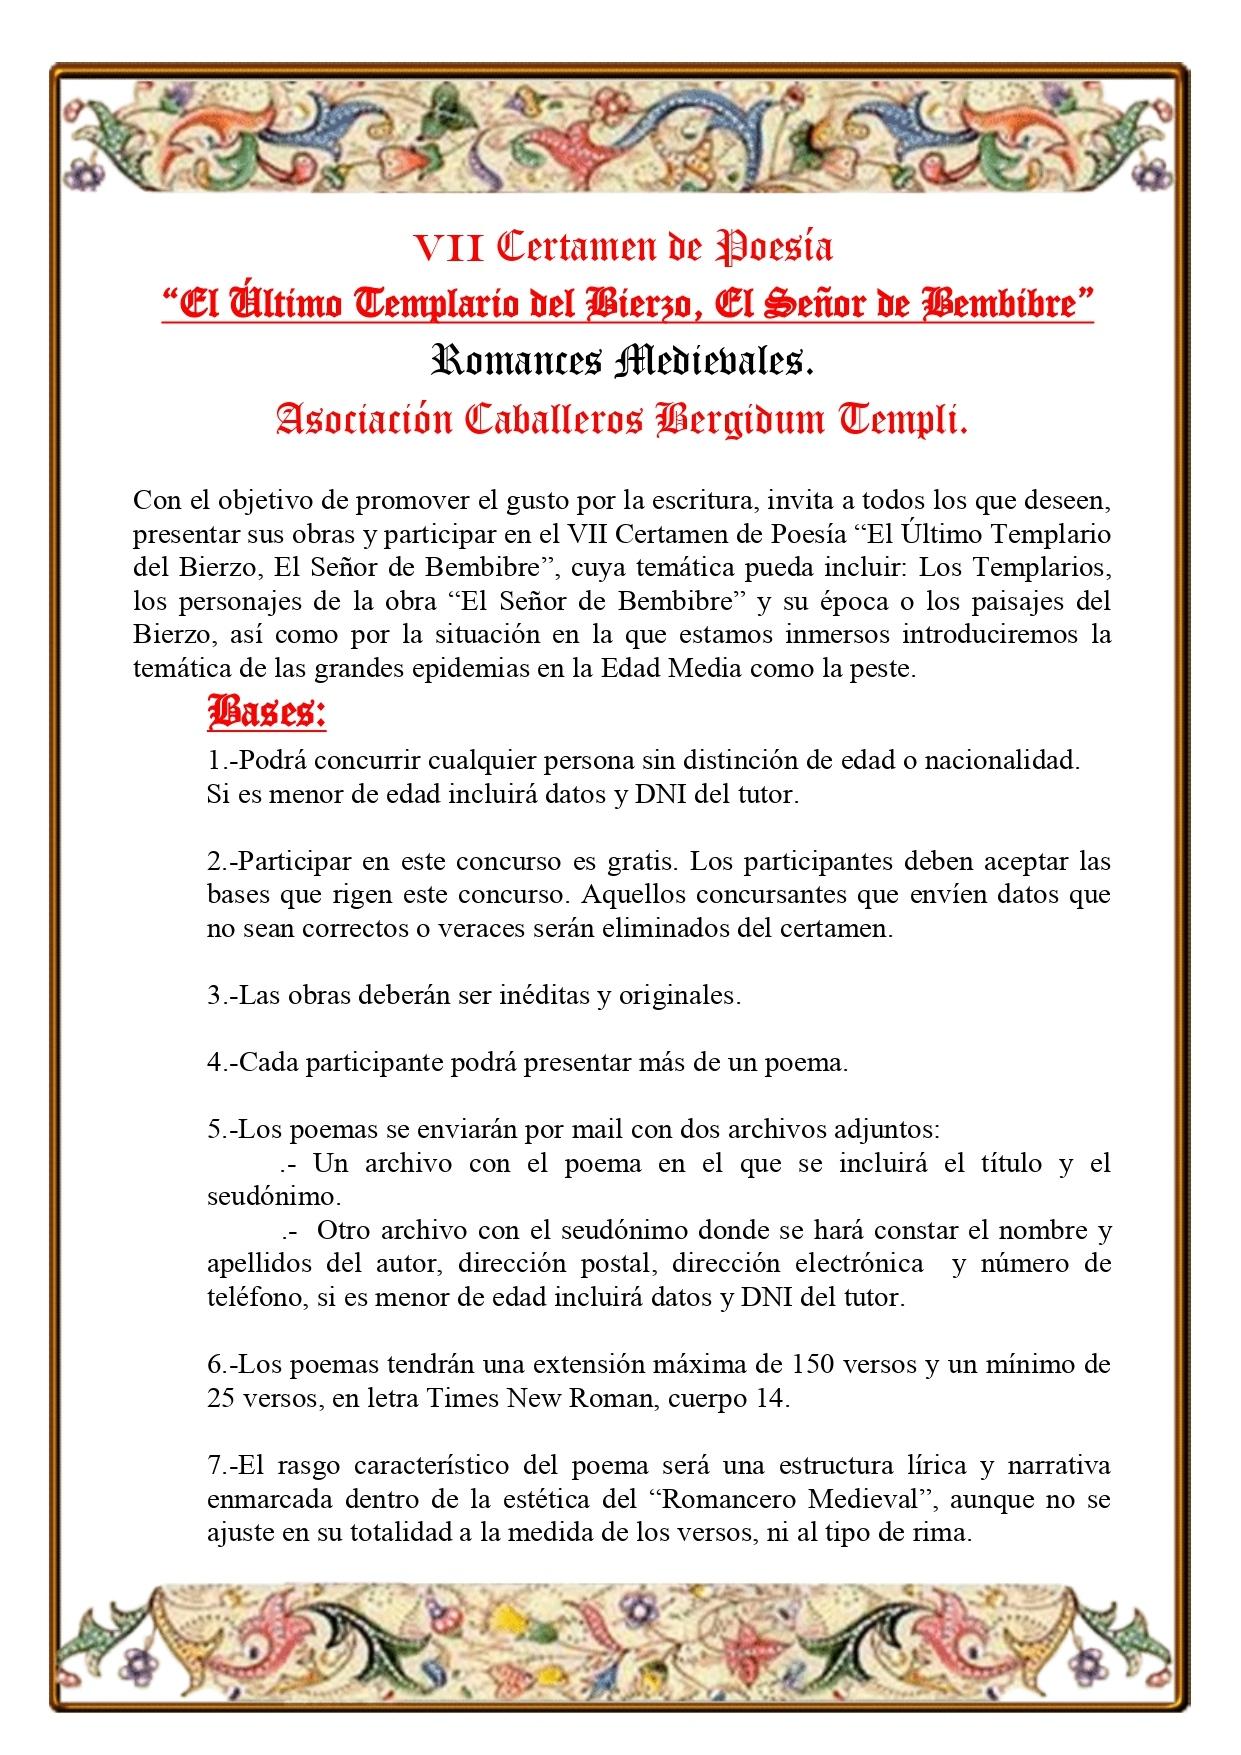 """Los caballeros Bergidum Templi y el Ayuntamiento de Bembibre convocan el VII Certamen de Poesía """"El Último Templario del Bierzo, El Señor de Bembibre"""